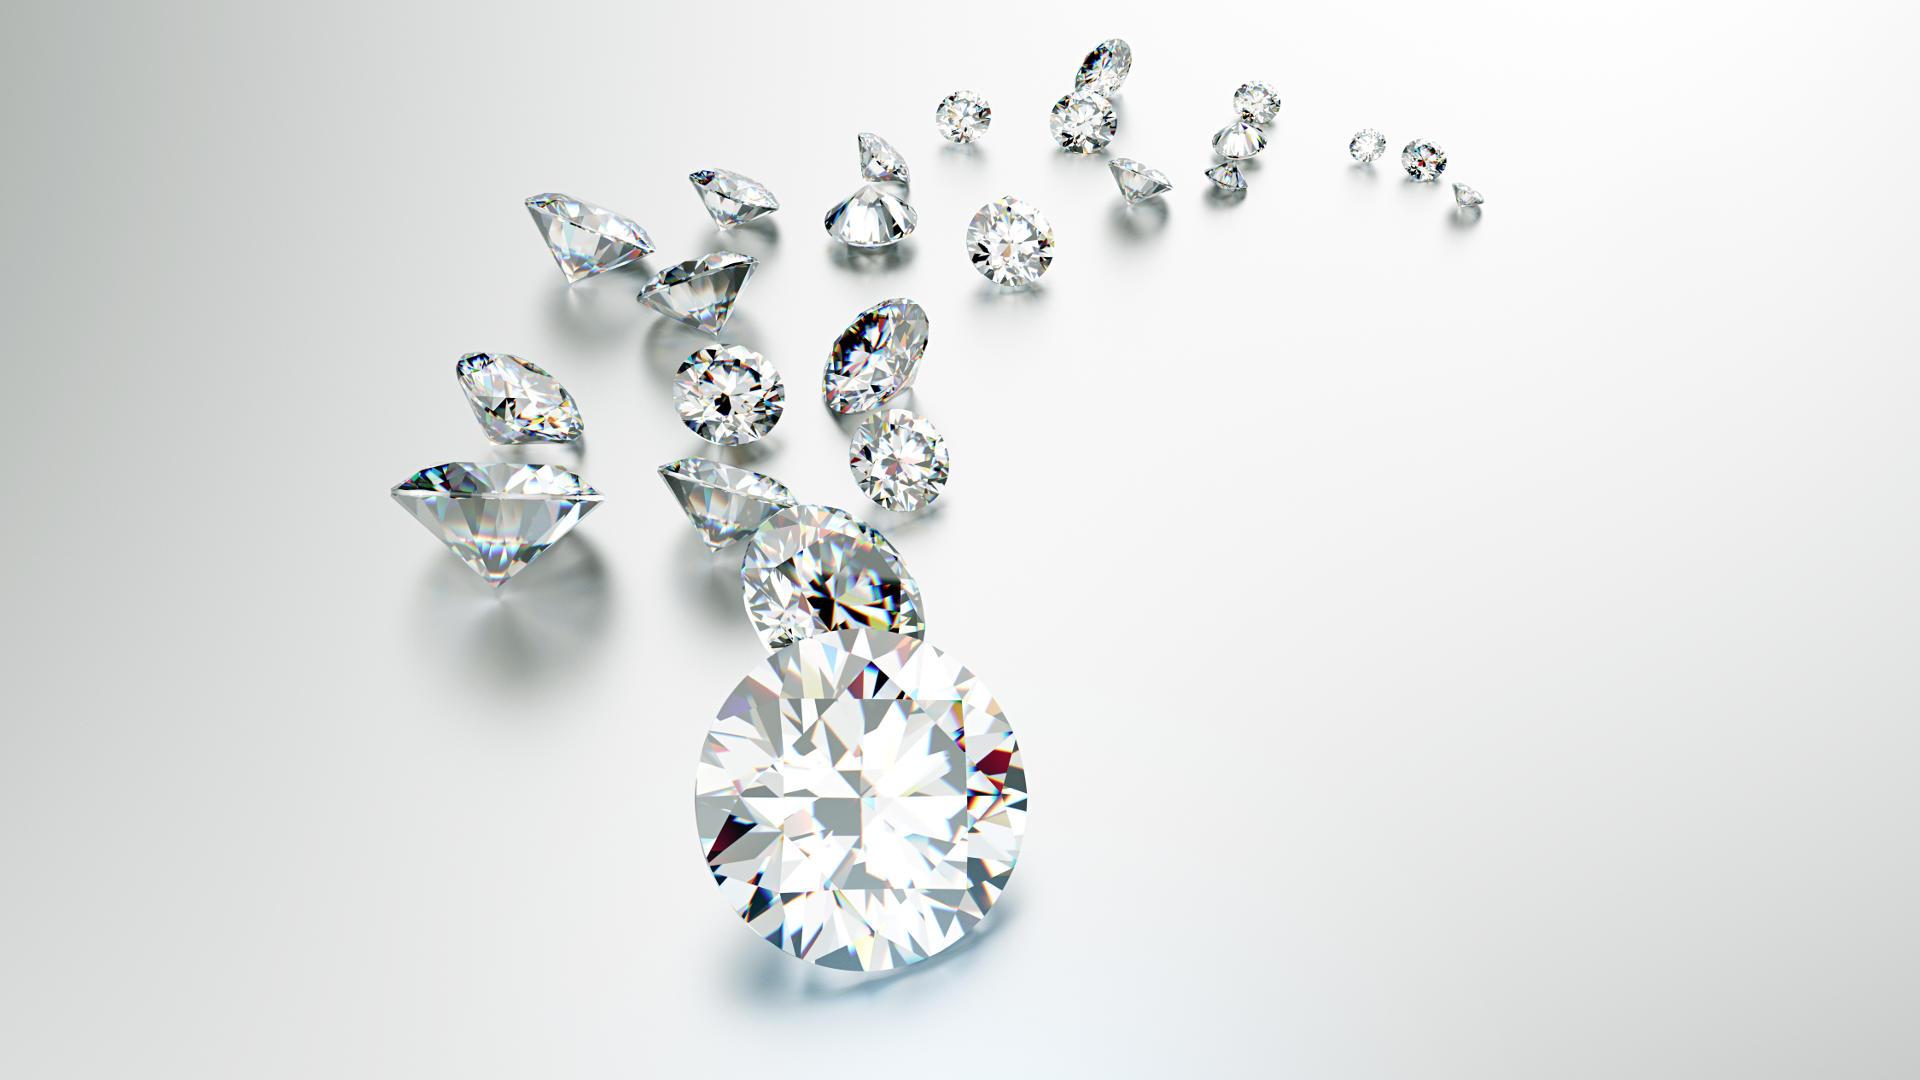 Diamonds. Jewelry background_1920_1080